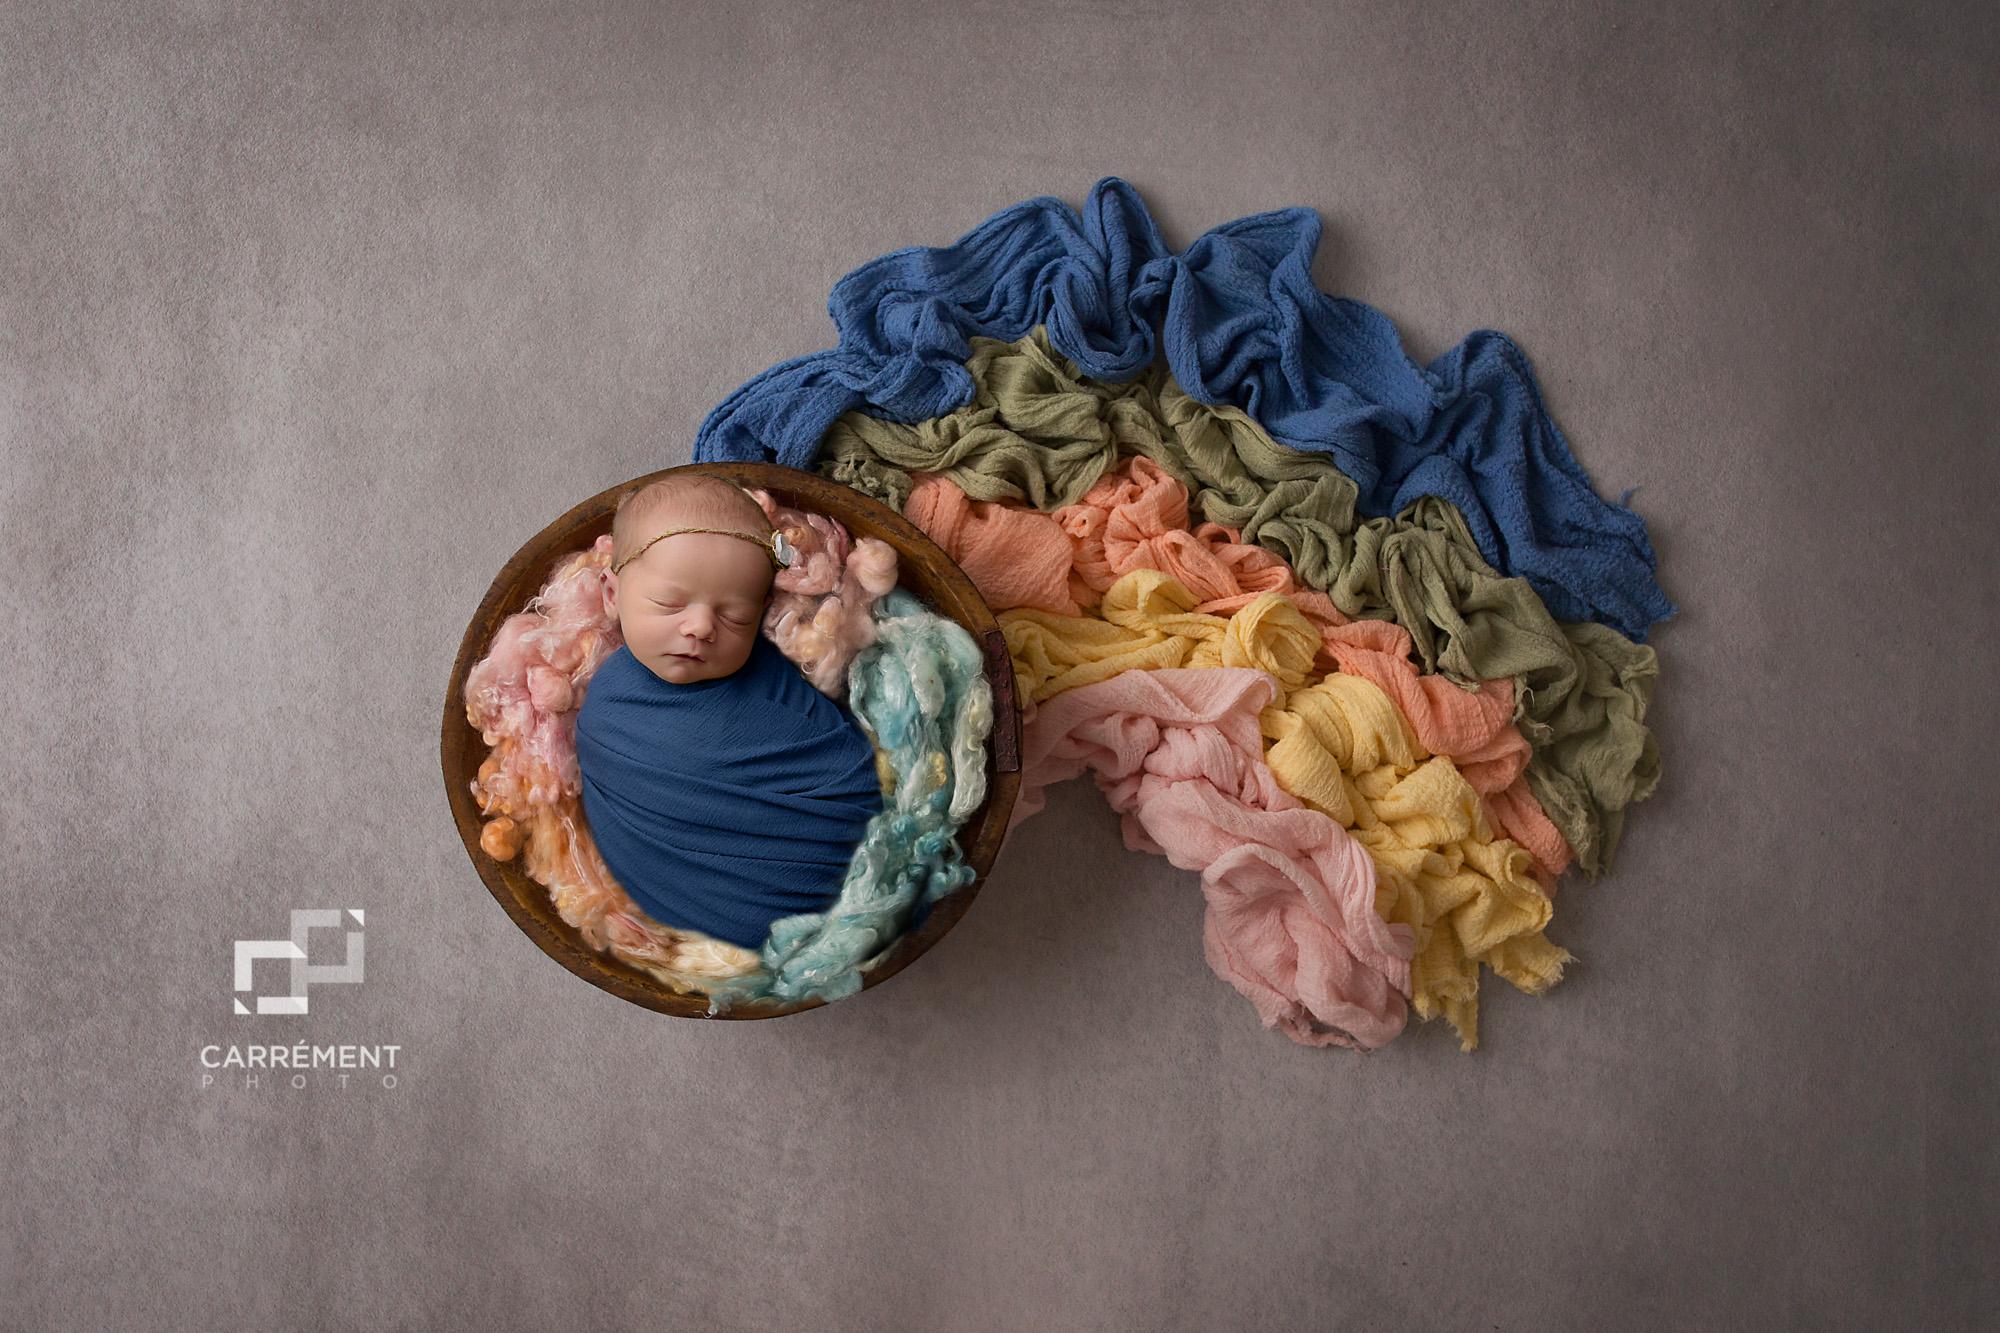 Avoir un bébé pendant le confinement